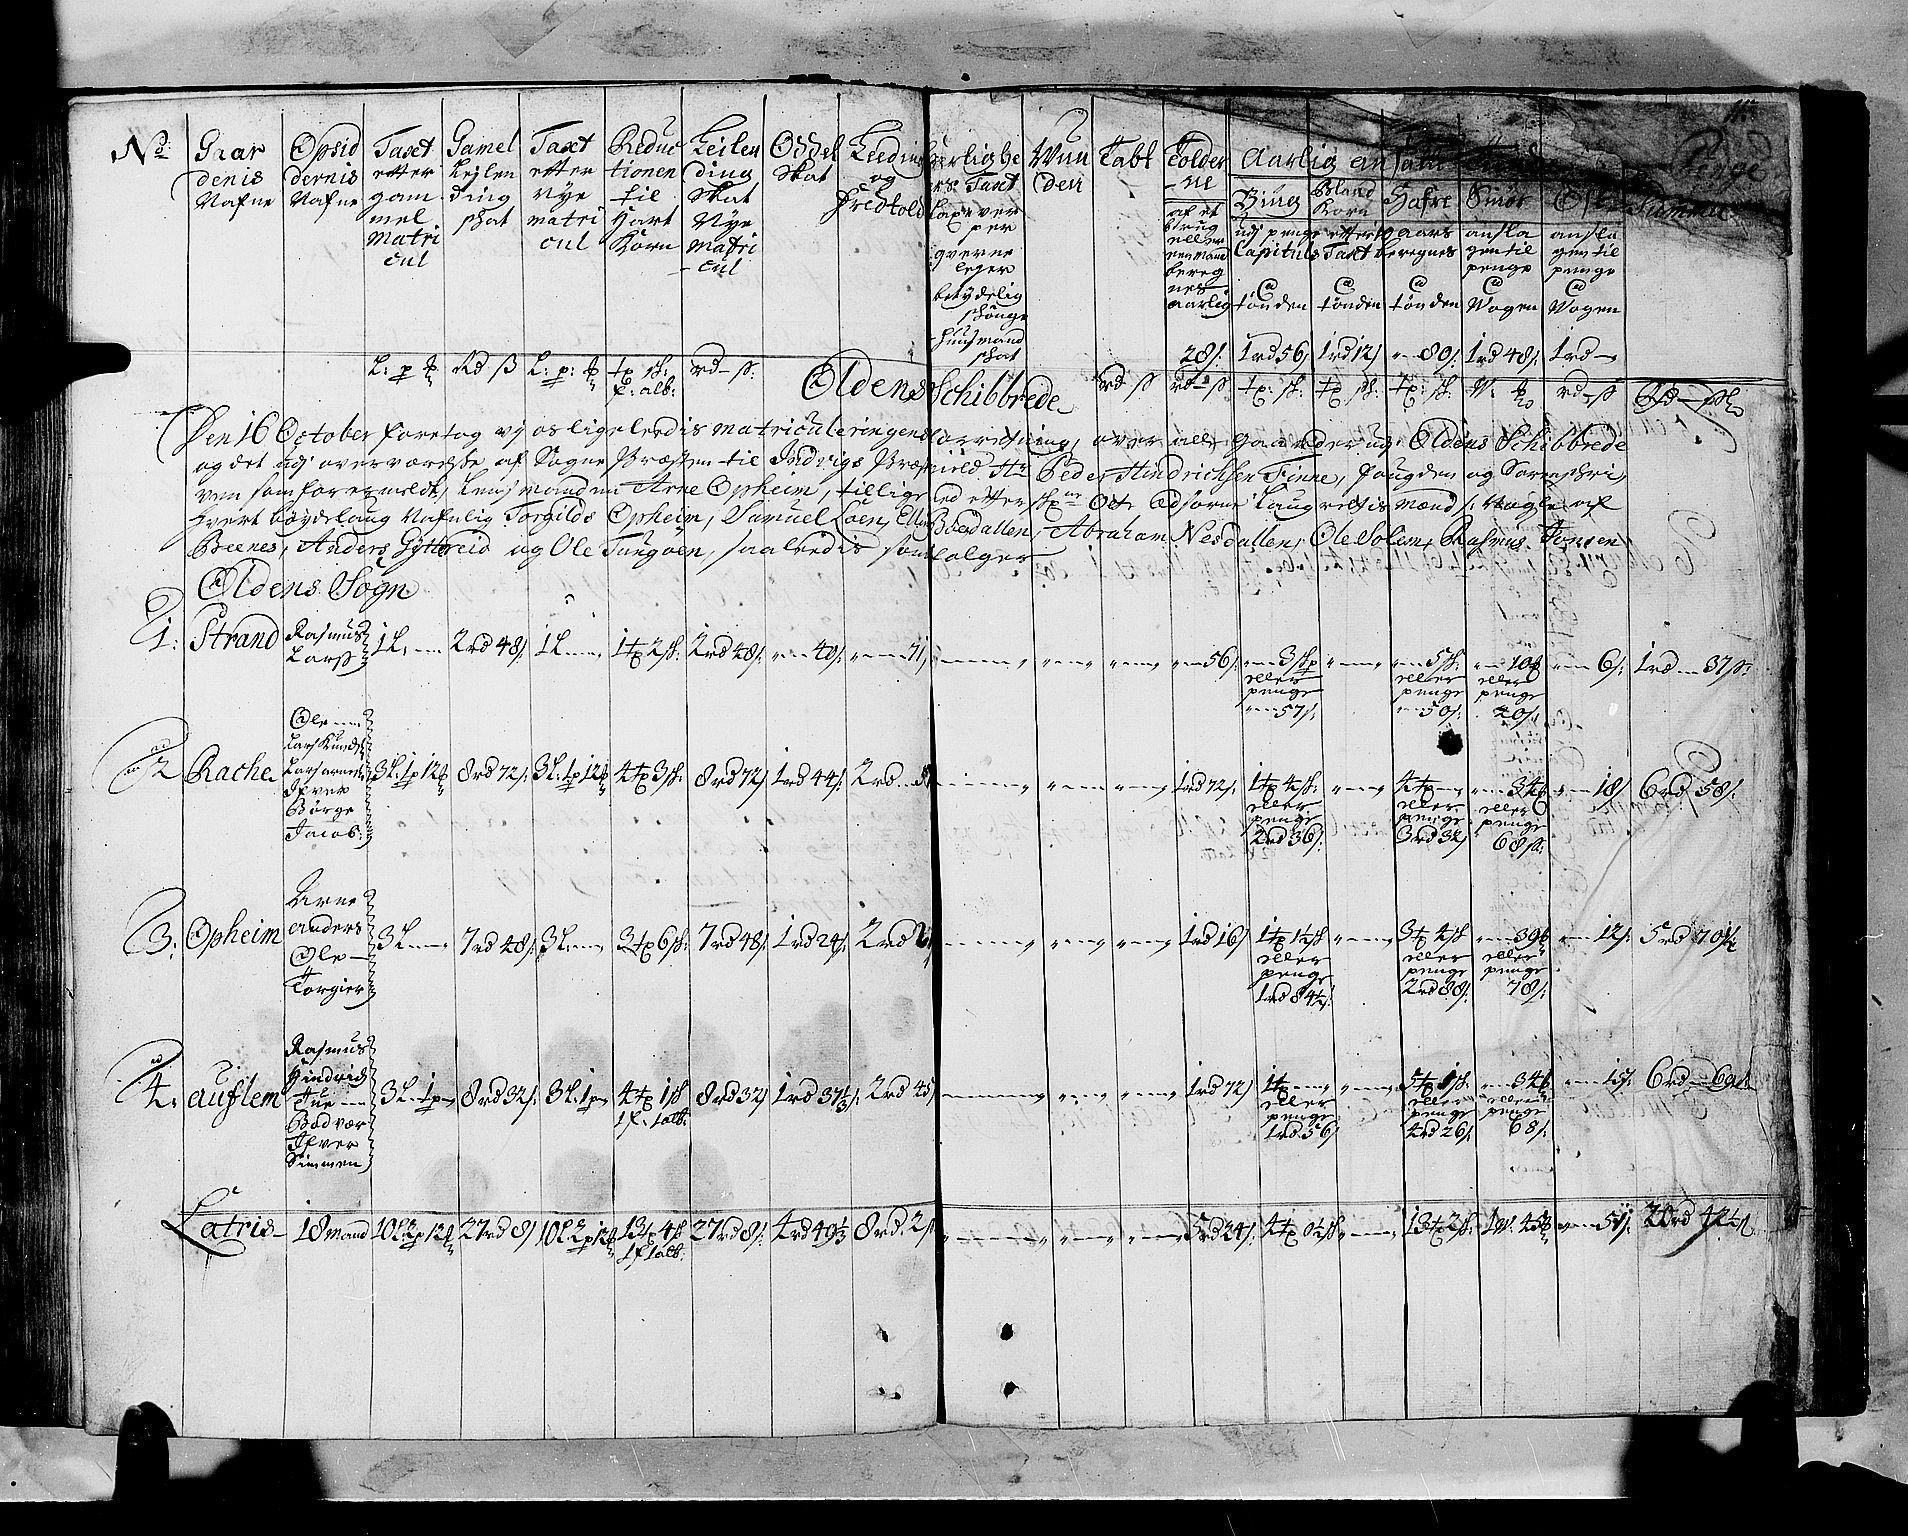 RA, Rentekammeret inntil 1814, Realistisk ordnet avdeling, N/Nb/Nbf/L0147: Sunnfjord og Nordfjord matrikkelprotokoll, 1723, s. 111b-112a